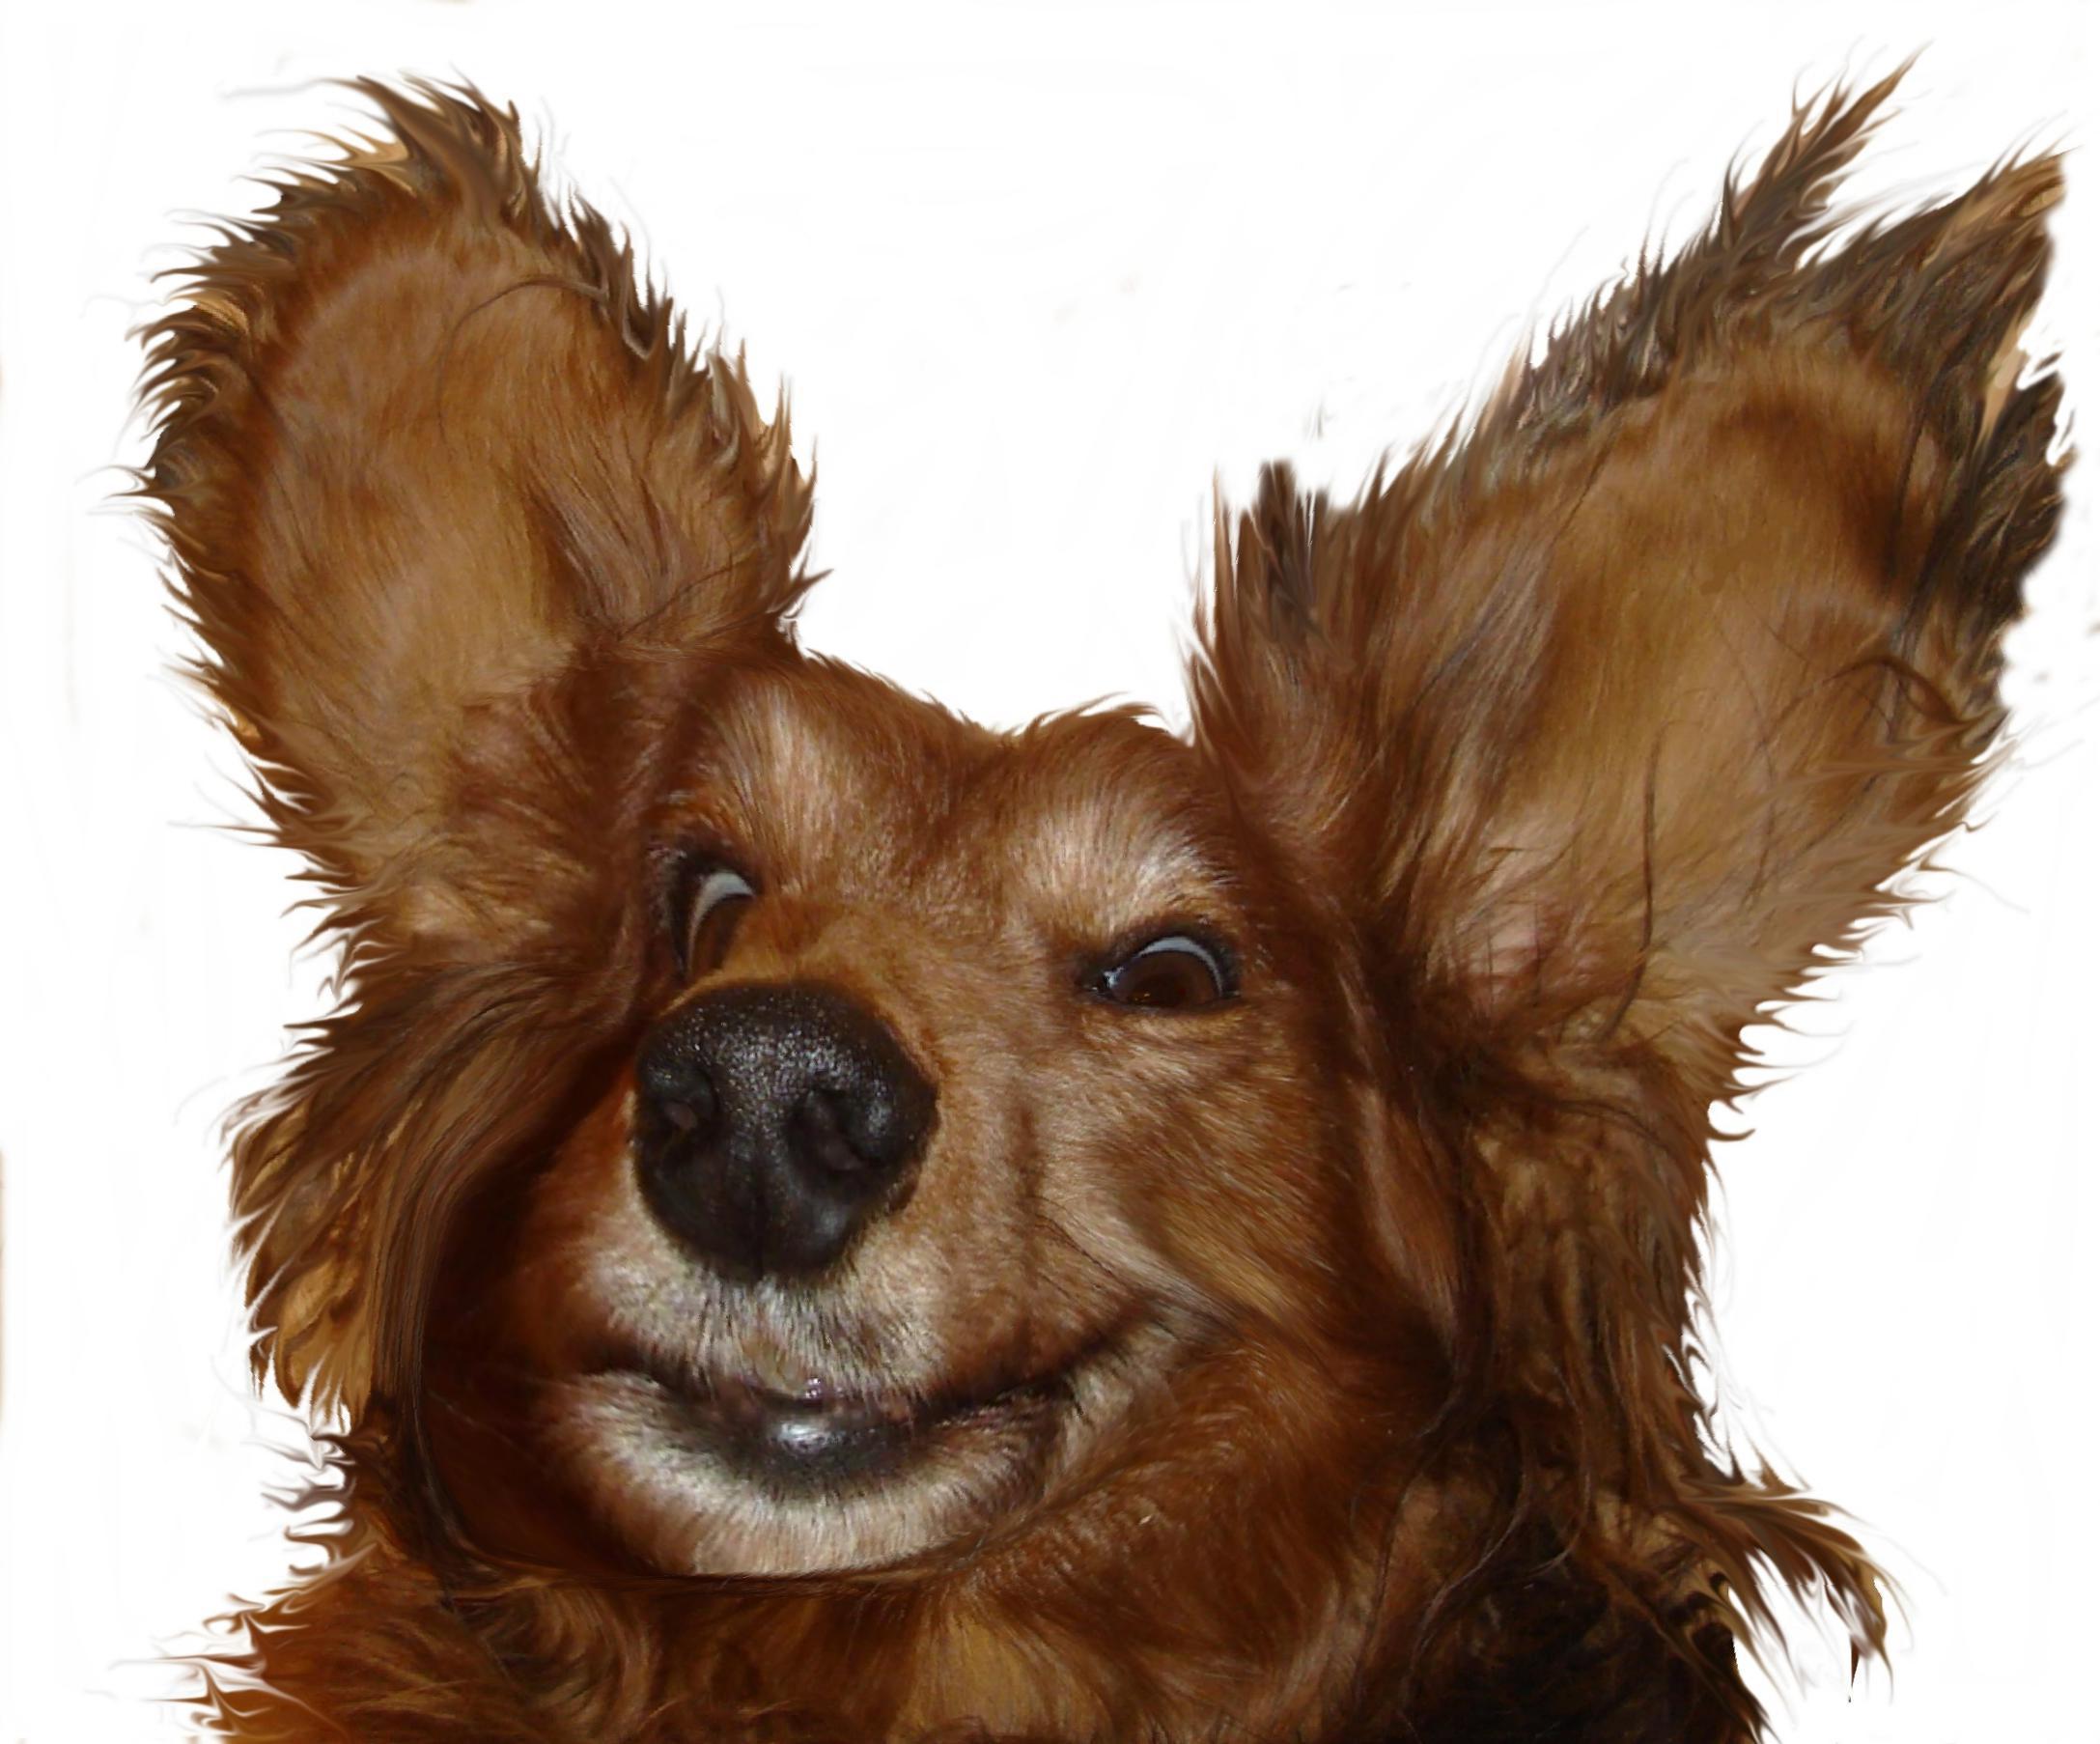 22542 скачать обои Животные, Собаки - заставки и картинки бесплатно